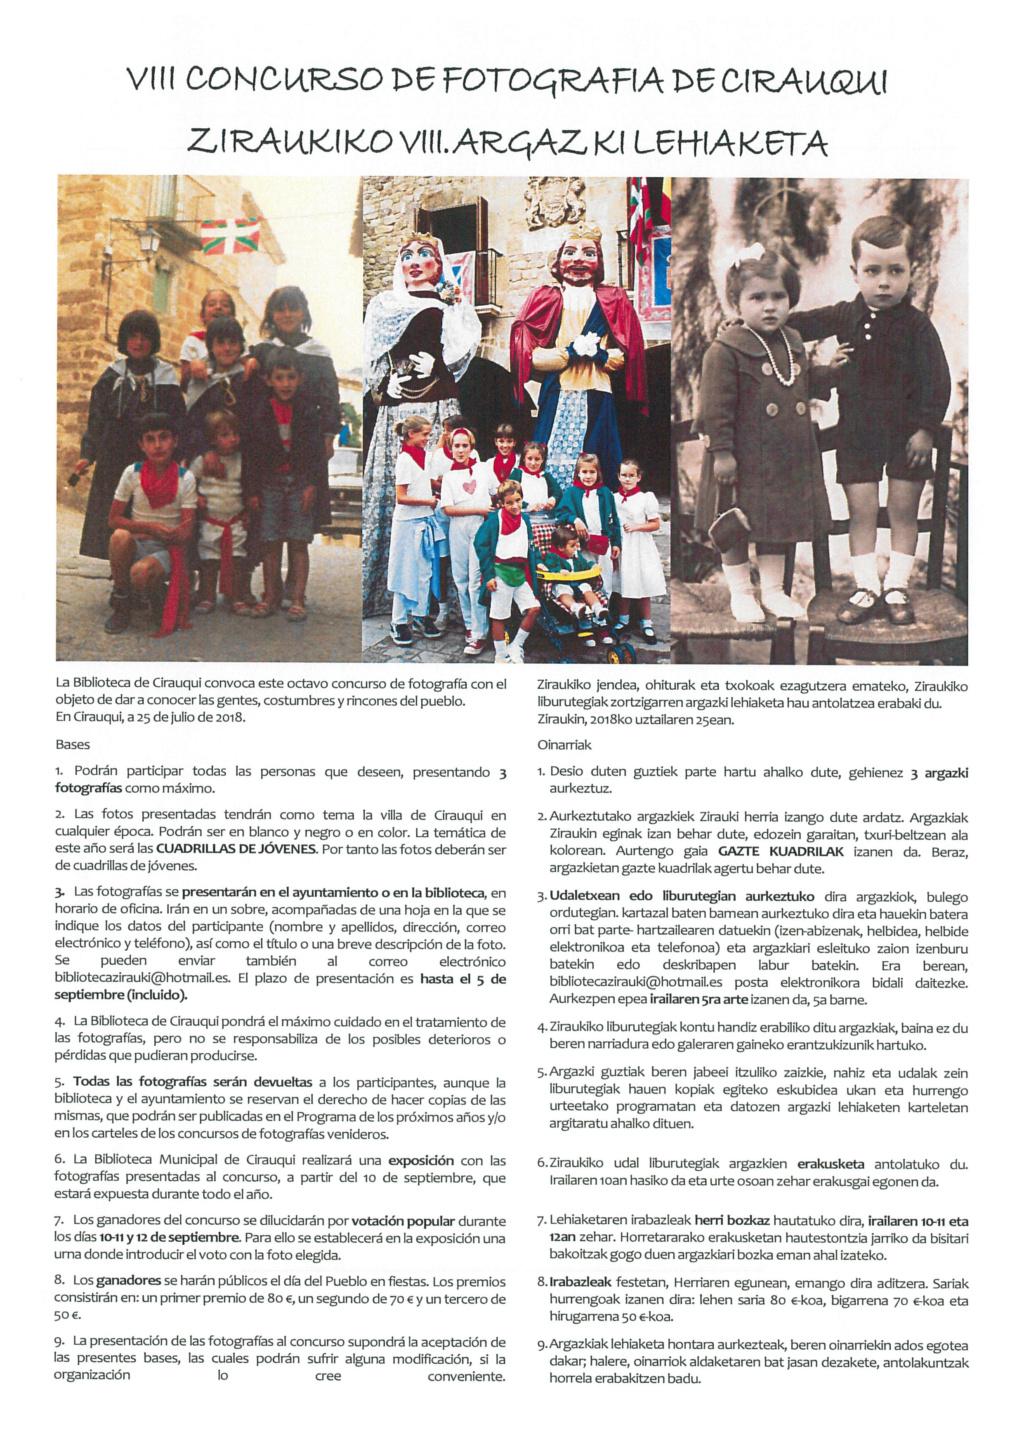 Concursos de Fotografía Septiembre 2018 - Página 7 Cirauq10